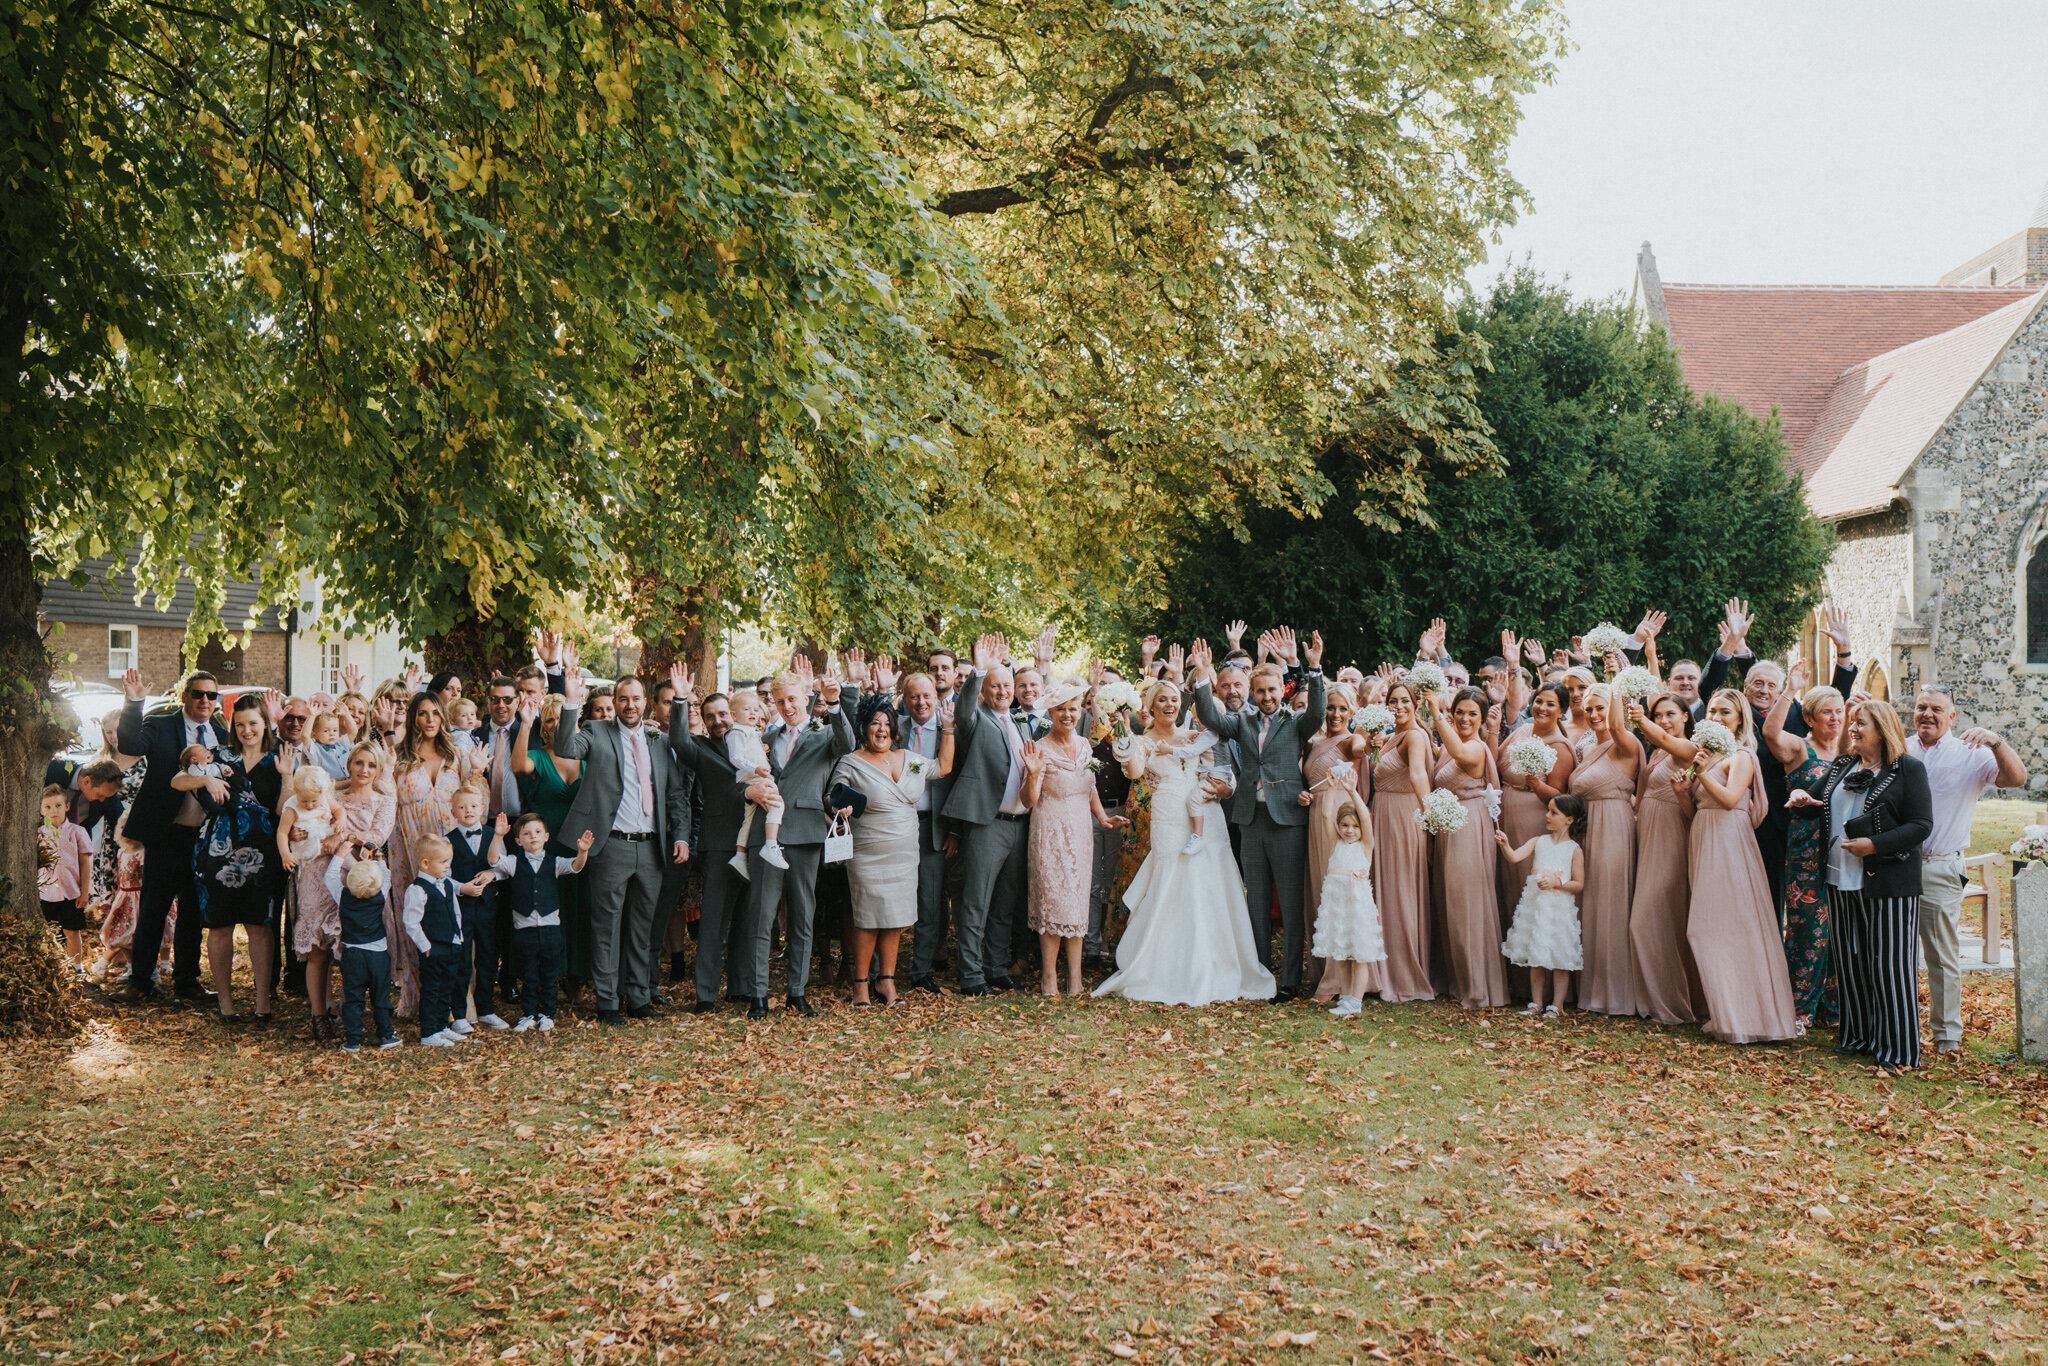 amy-ross-diy-garden-wedding-grace-elizabeth-colchester-essex-suffolk-devon-norfolk-wedding-lifestyle-photographer (1 of 1).jpg